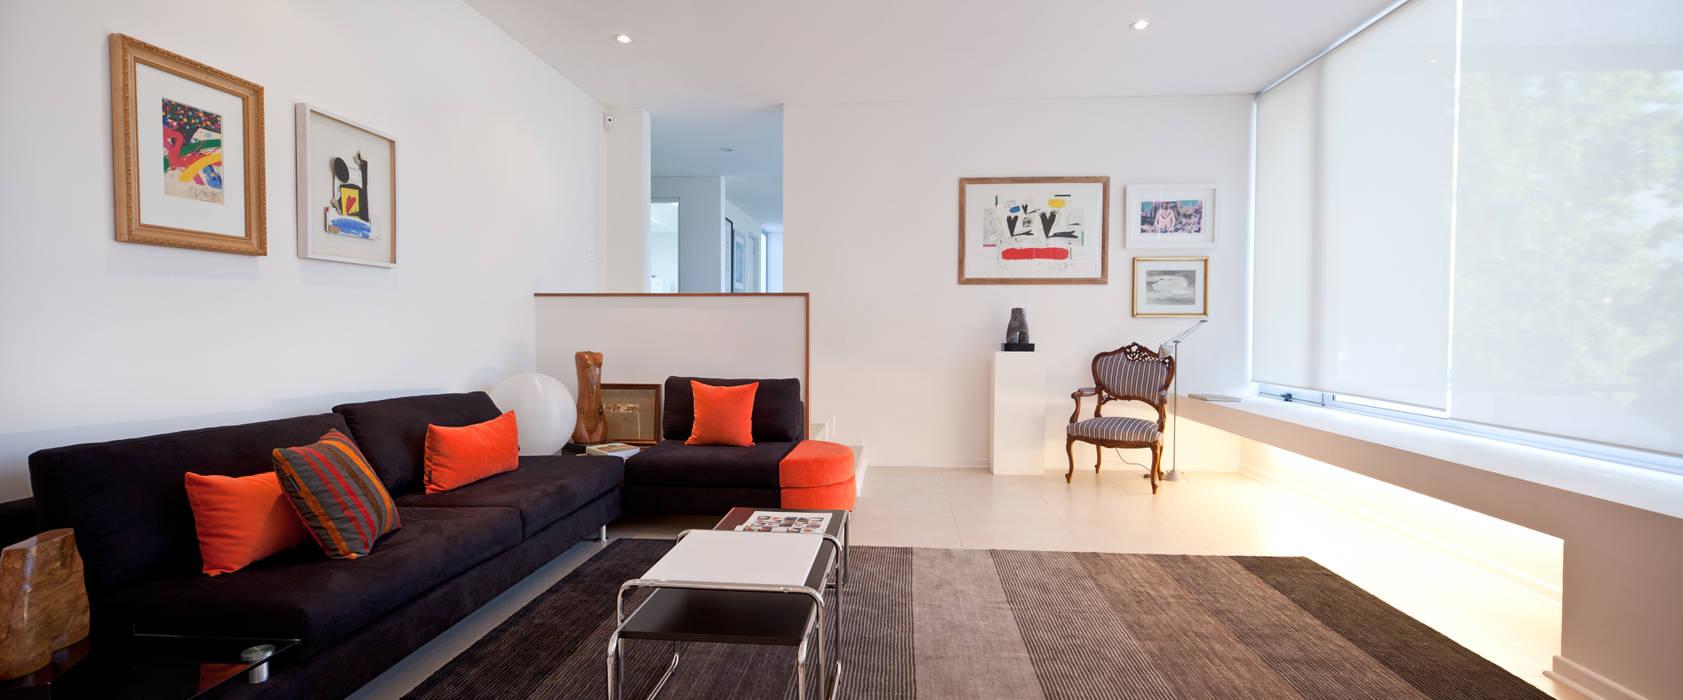 CASA CARREÑO: Livings de estilo  por [ER+] Arquitectura y Construcción